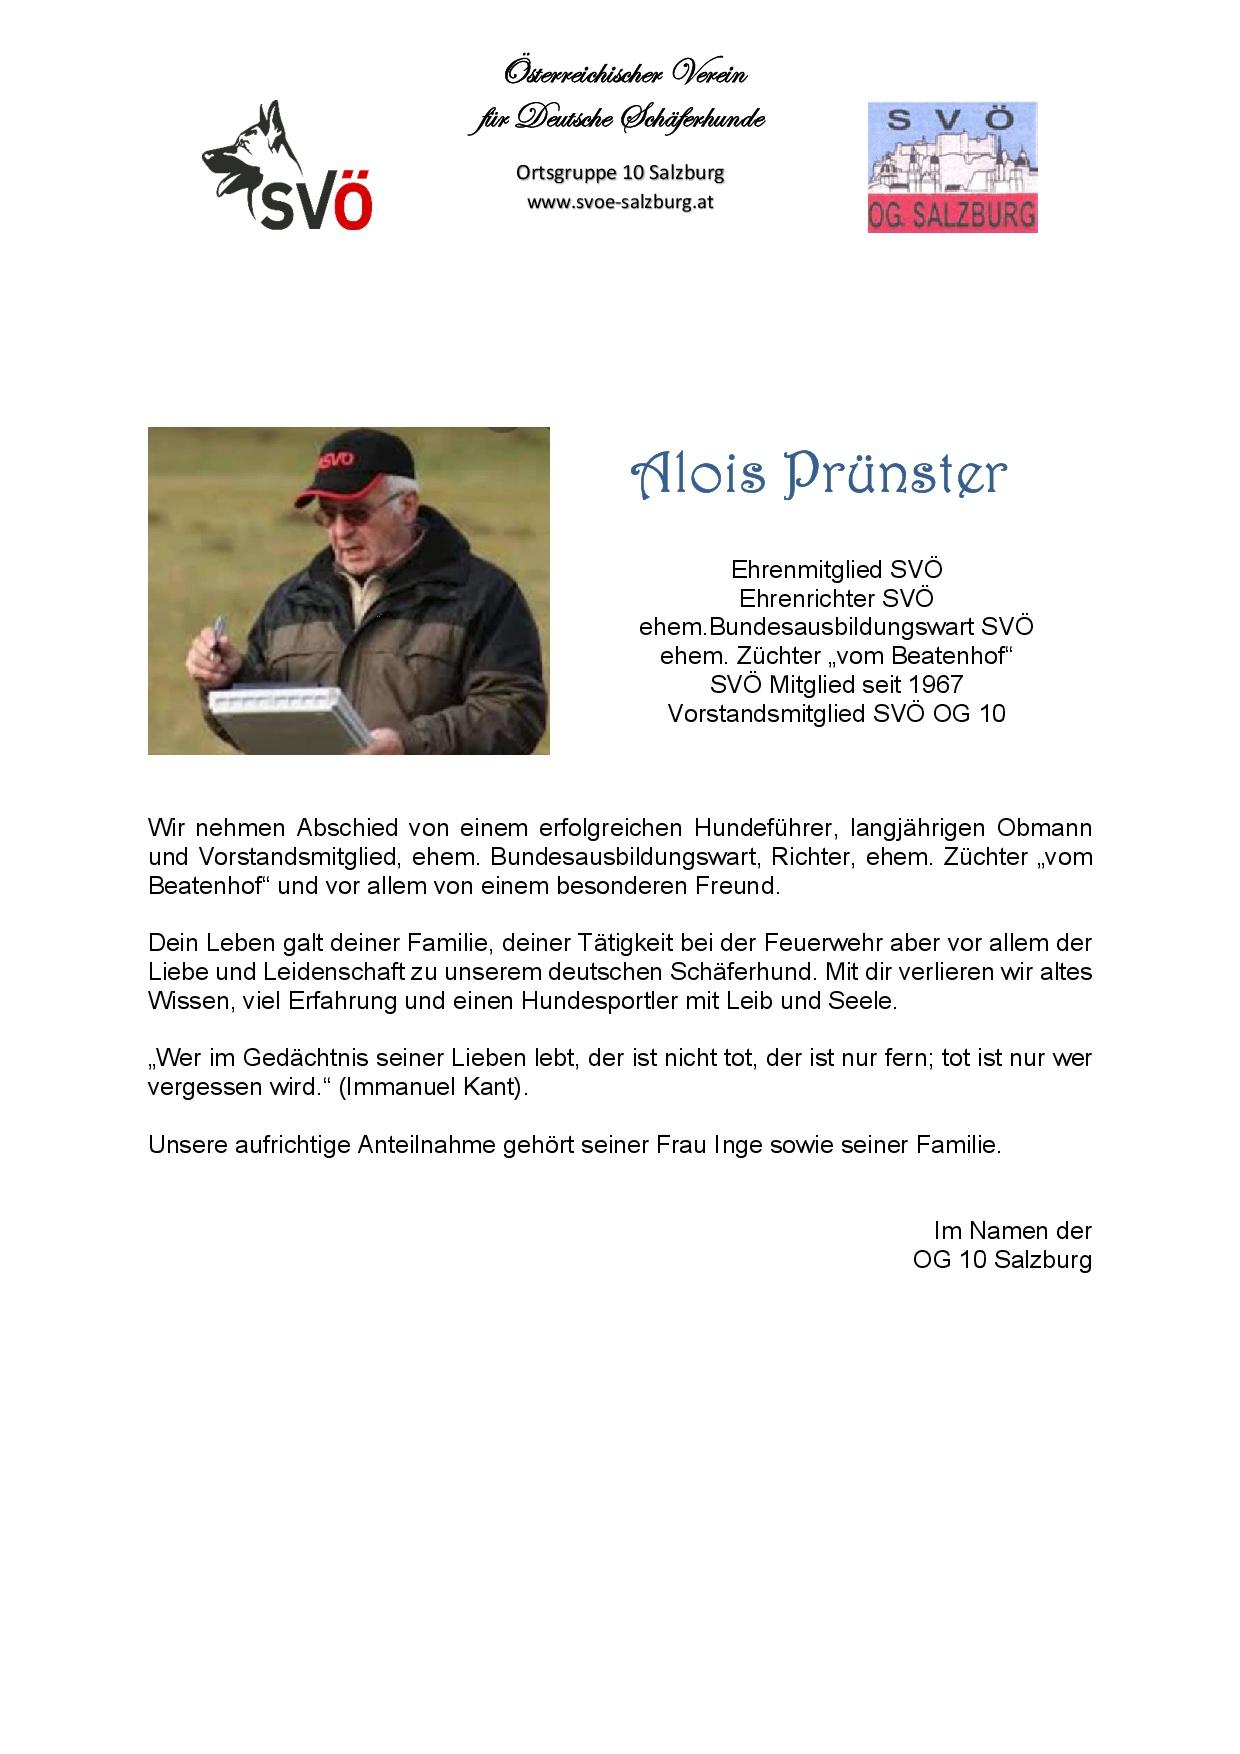 Abschied Alois Prünster